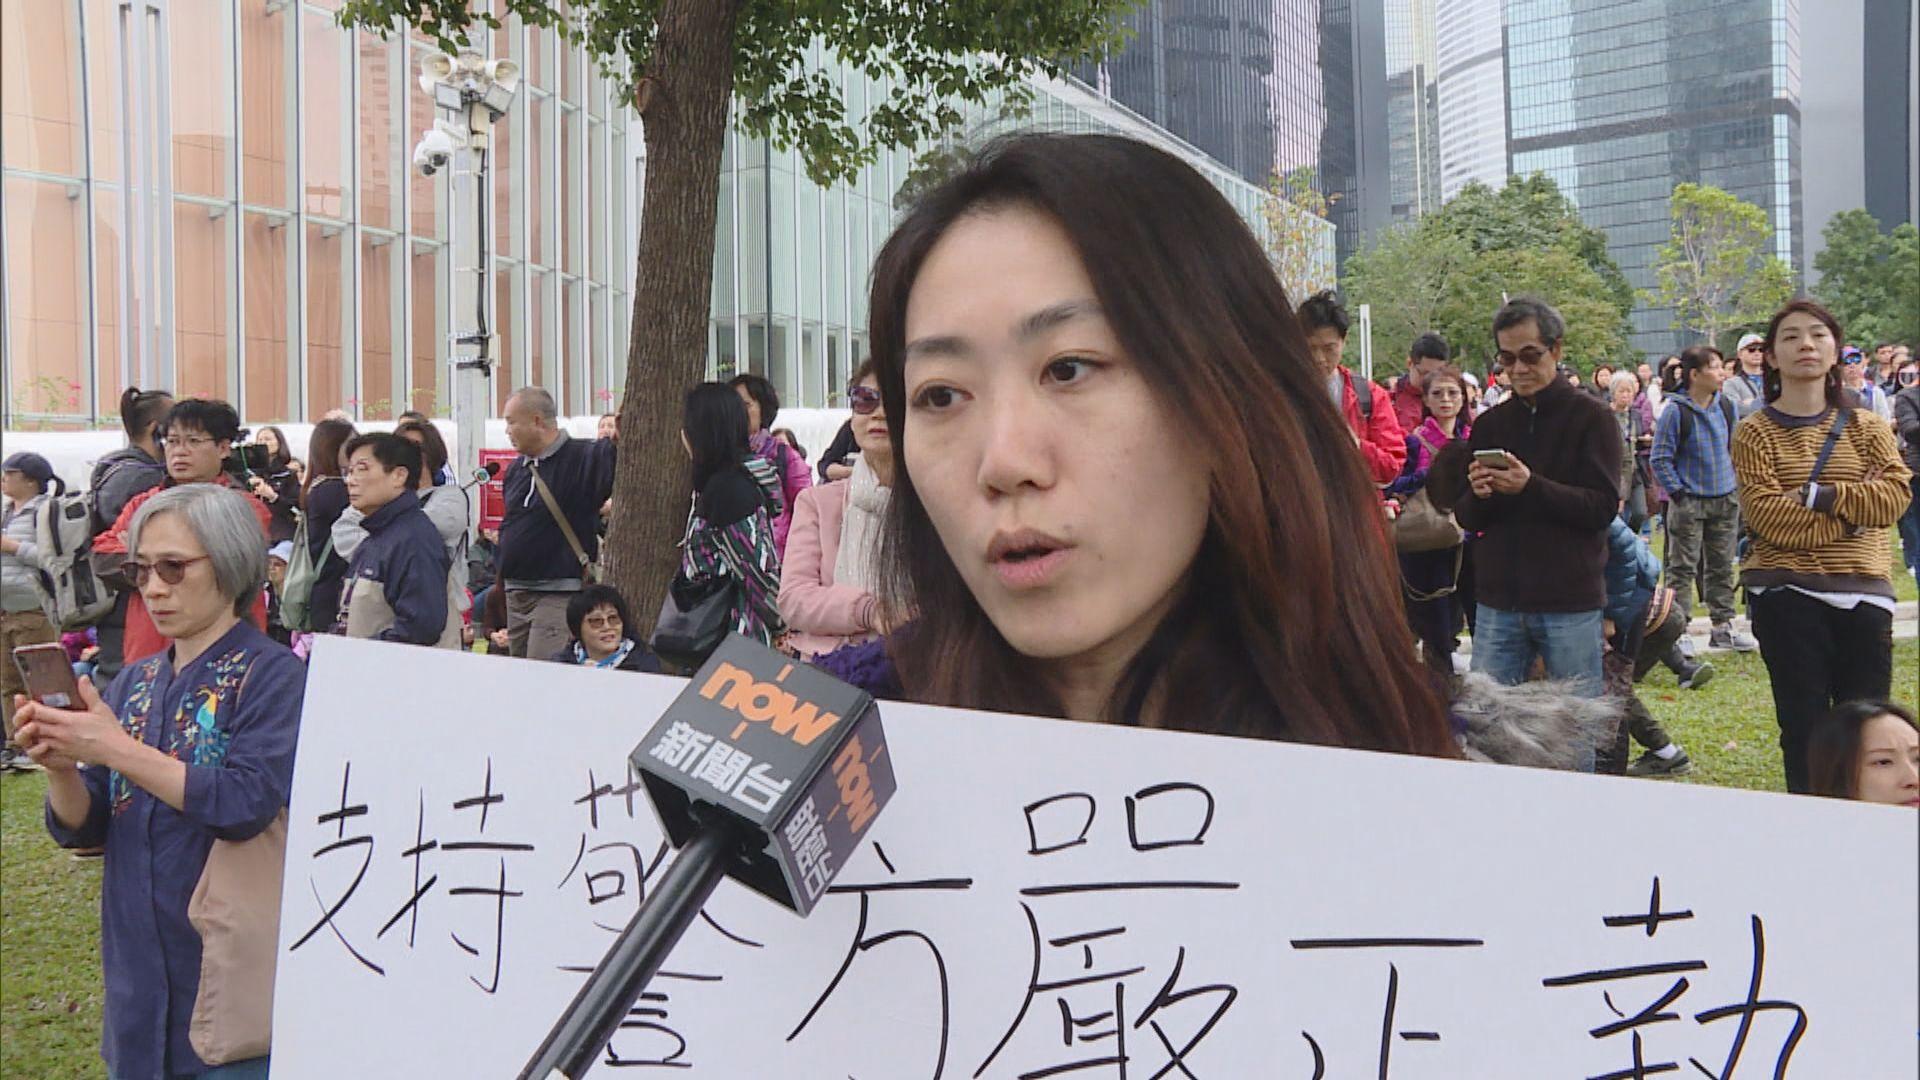 添馬公園控訴暴力集會 有參加者指不敢街上發表撐警言論